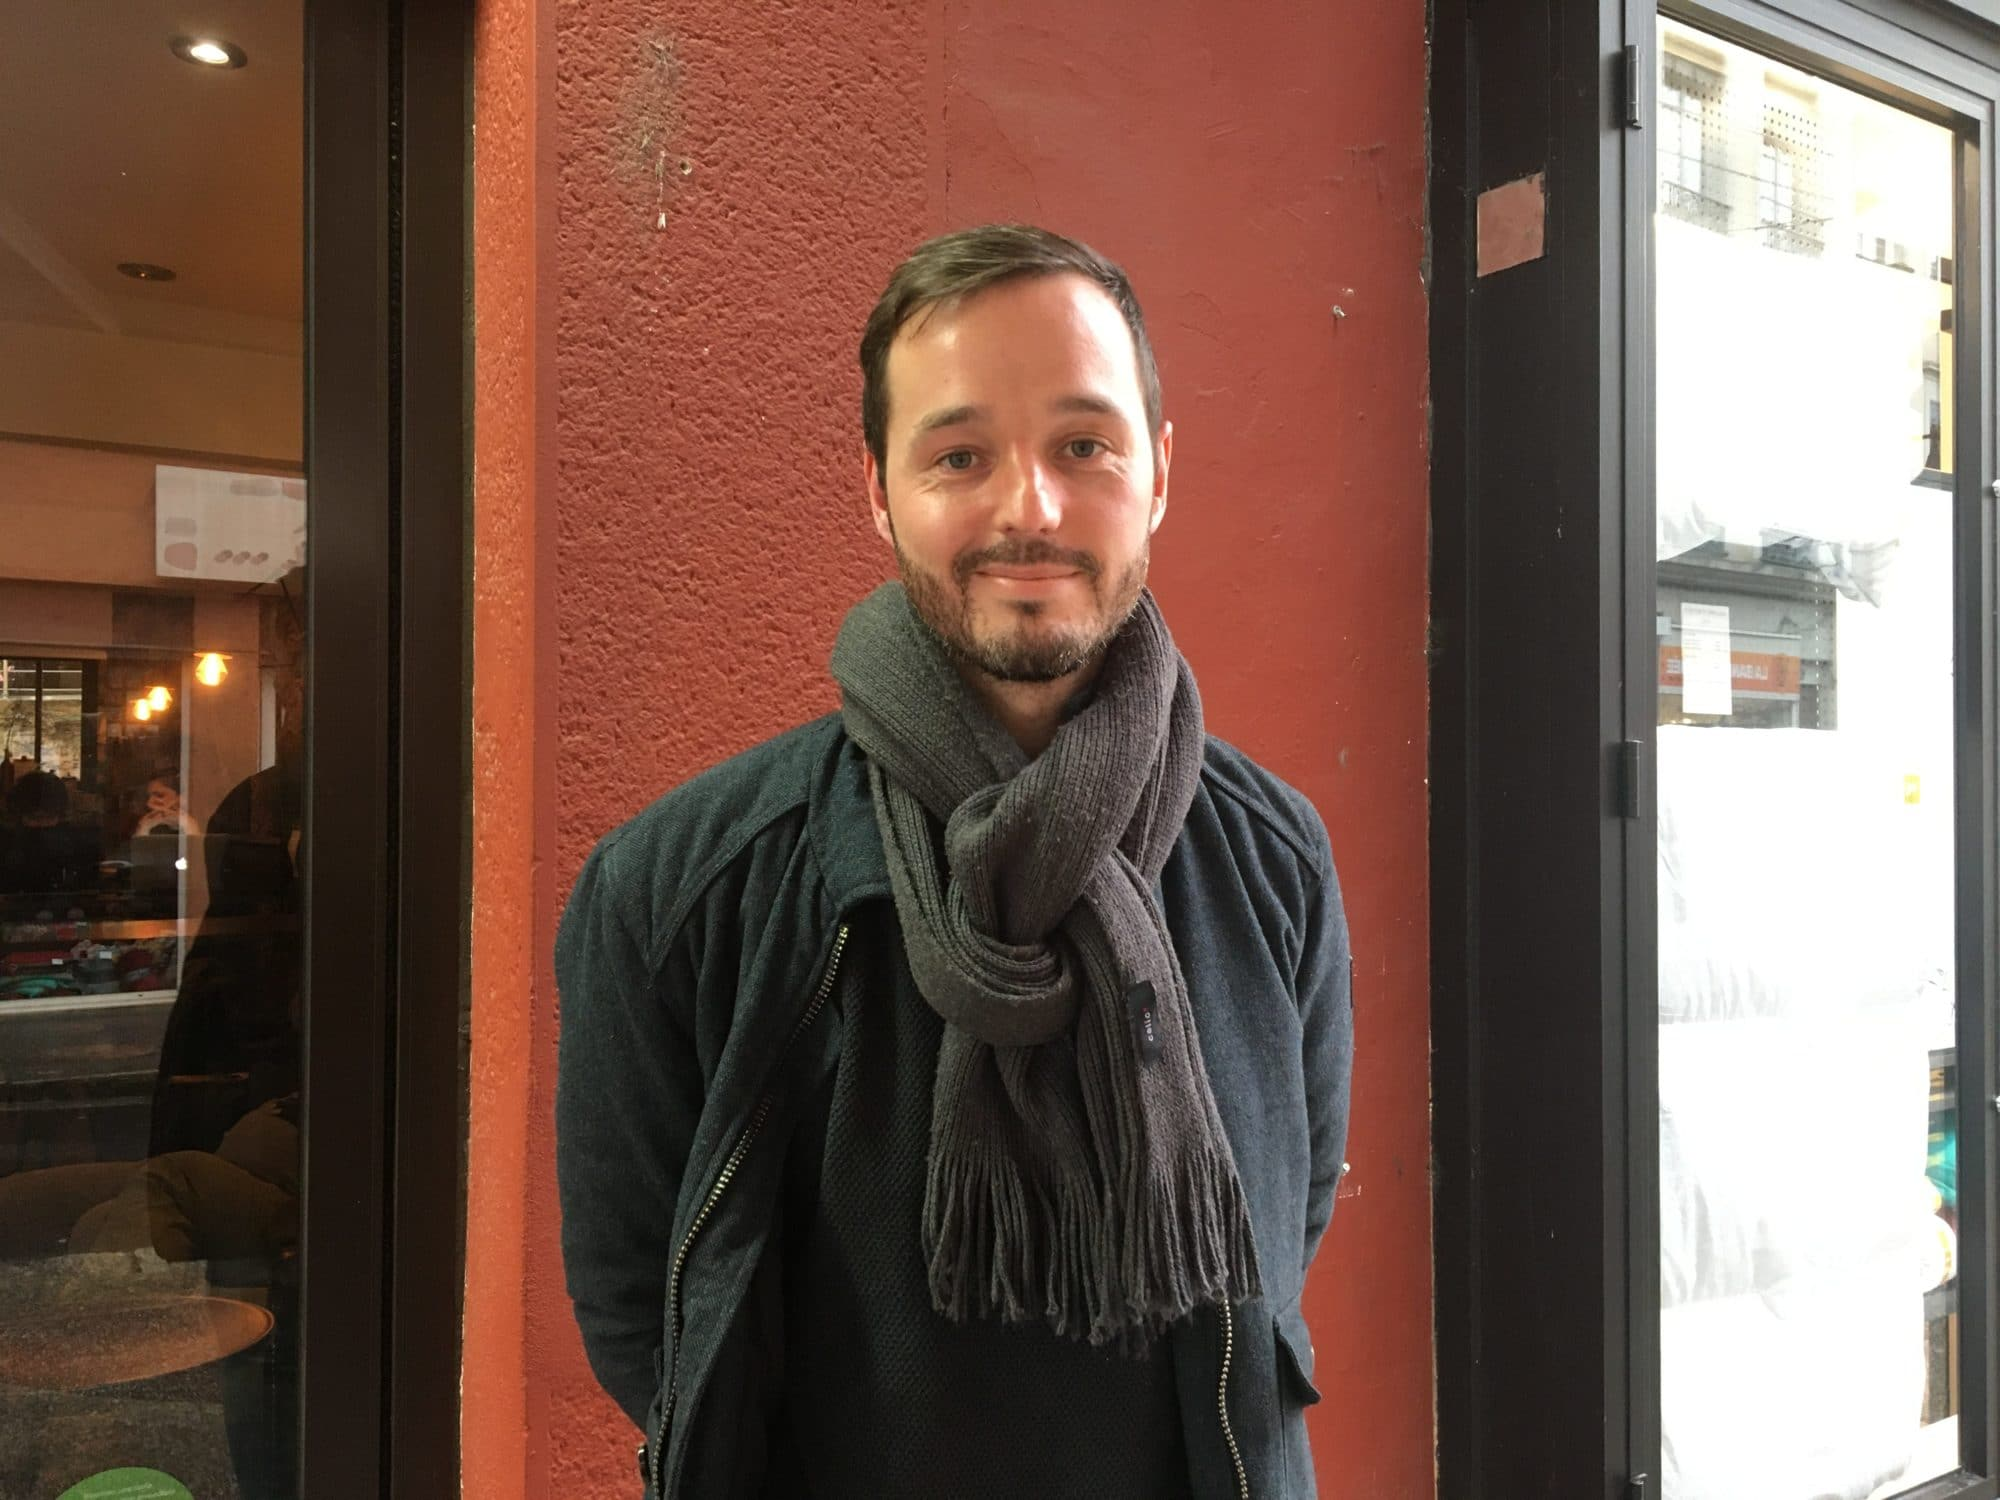 Alban vit à Croix-Rousse depuis 2 ans et témoigne de la gentrification de ce quartier de Lyon. ©Hélène Duros